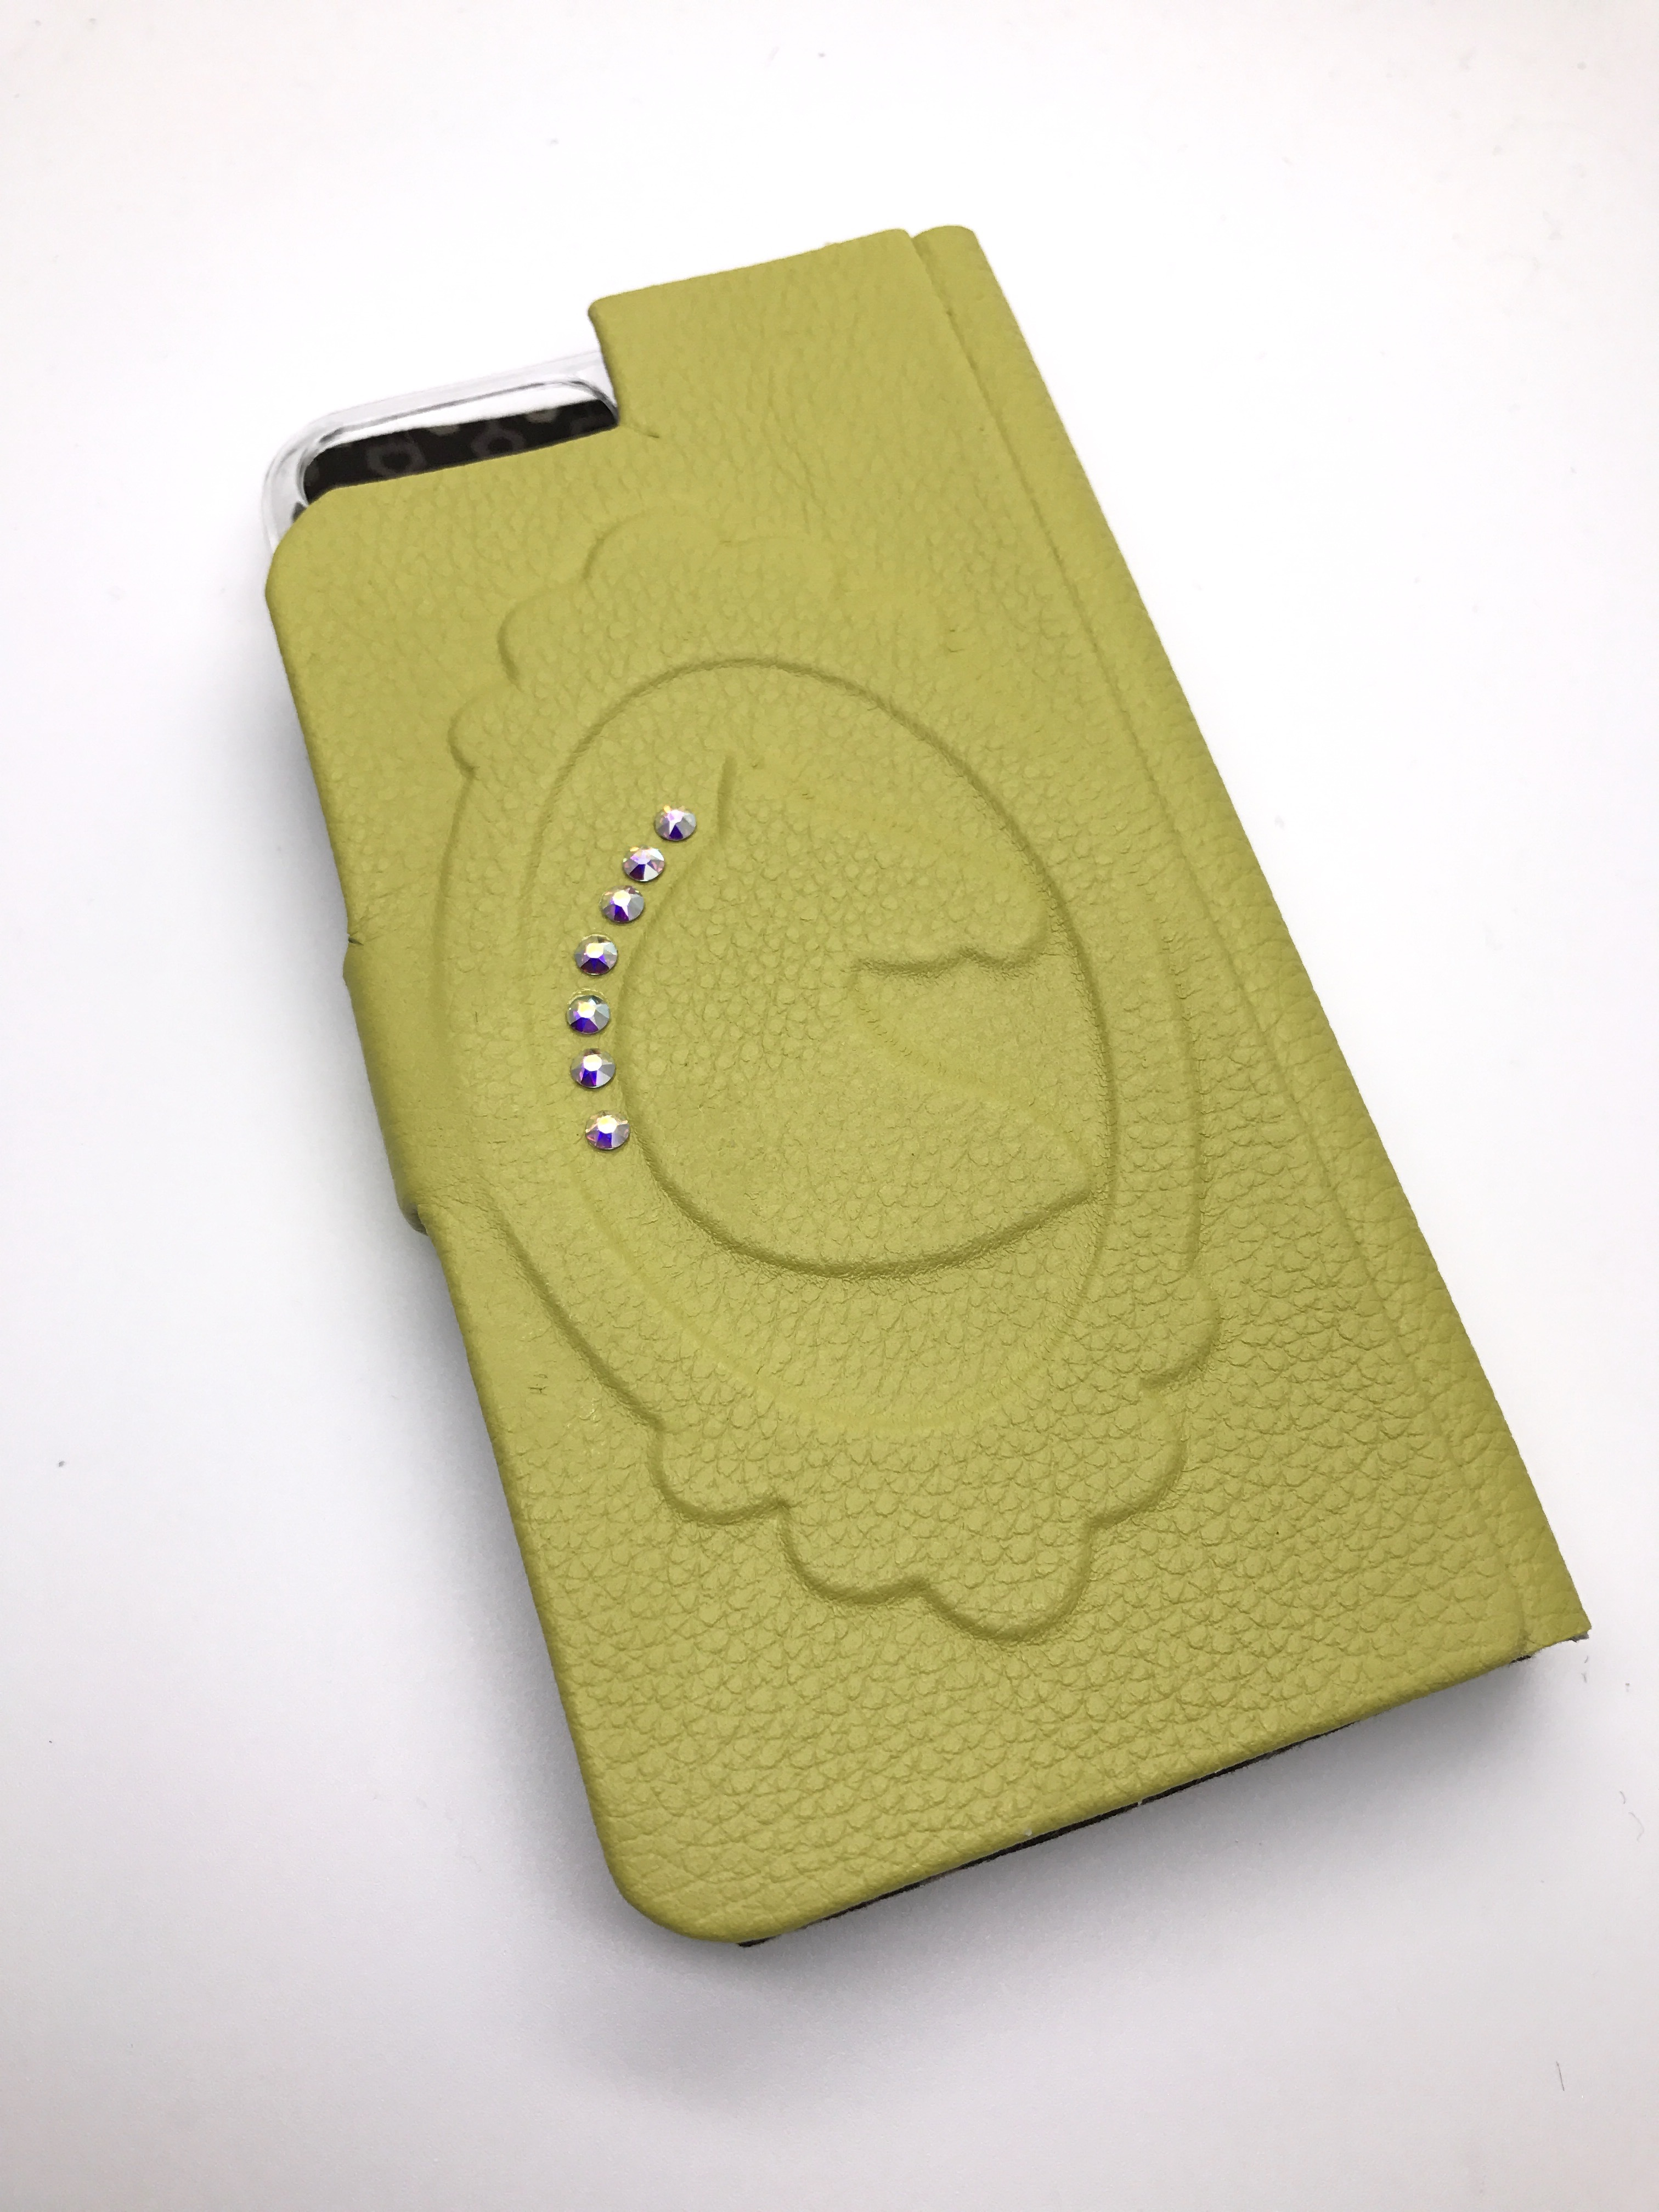 ドレッサージュホース本革iPhoneケース シャトルーズグリーン色